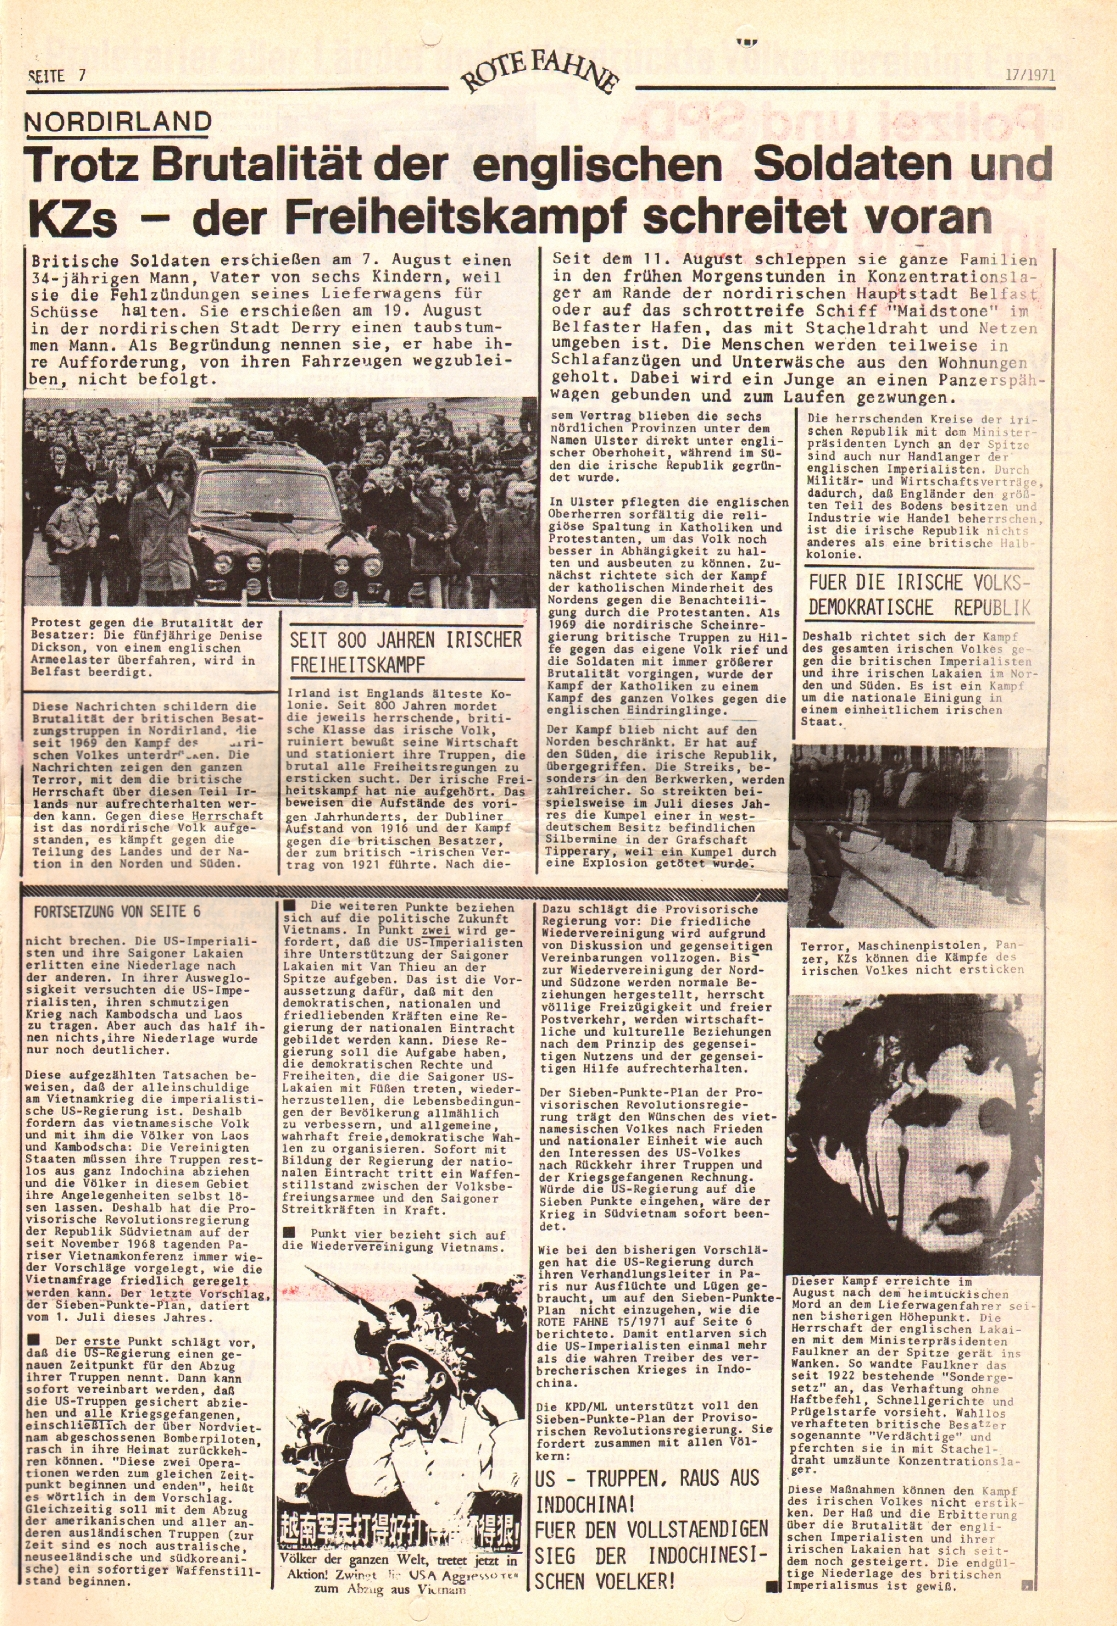 Rote Fahne, 2. Jg., 30.8.1971, Nr. 17, Seite 7